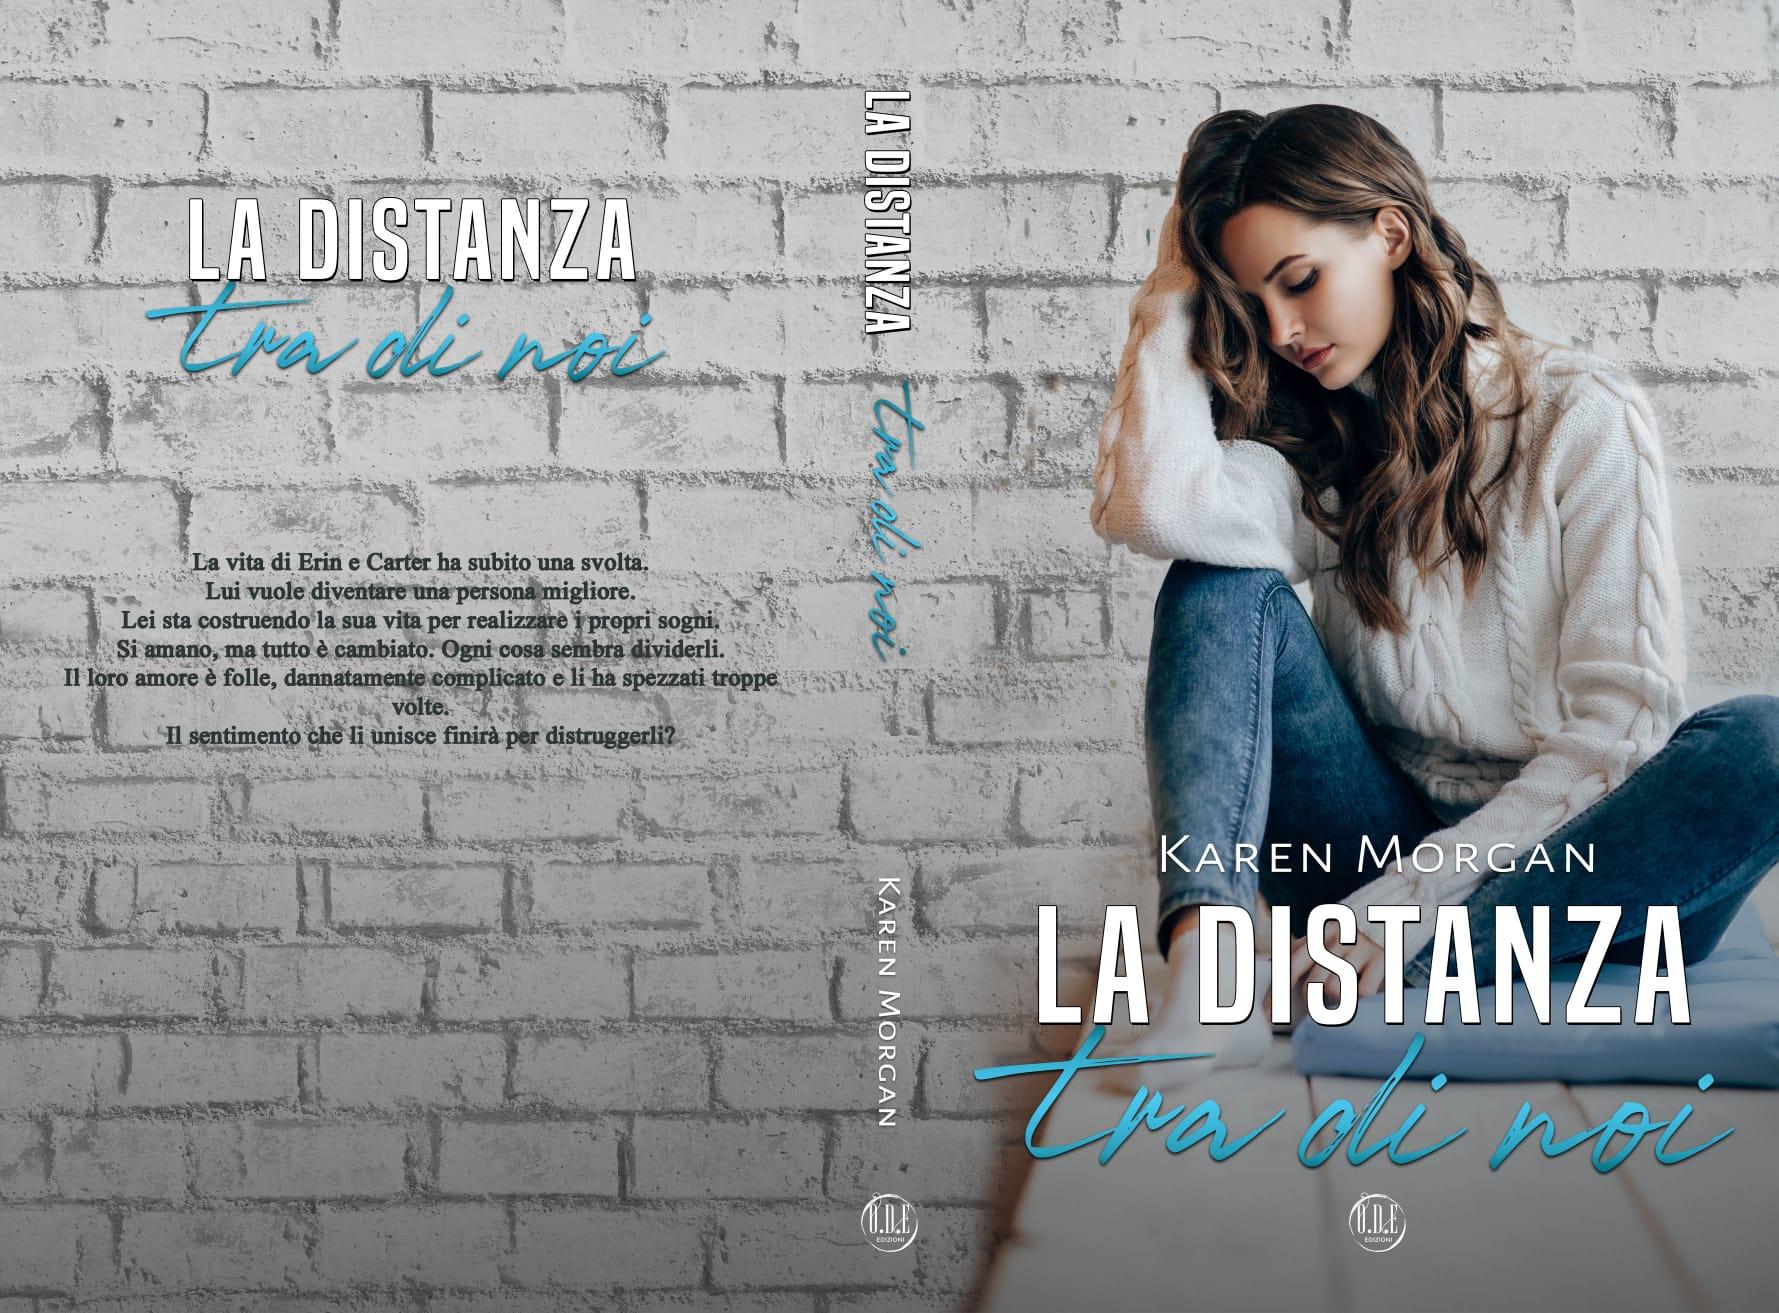 COVER INTERA